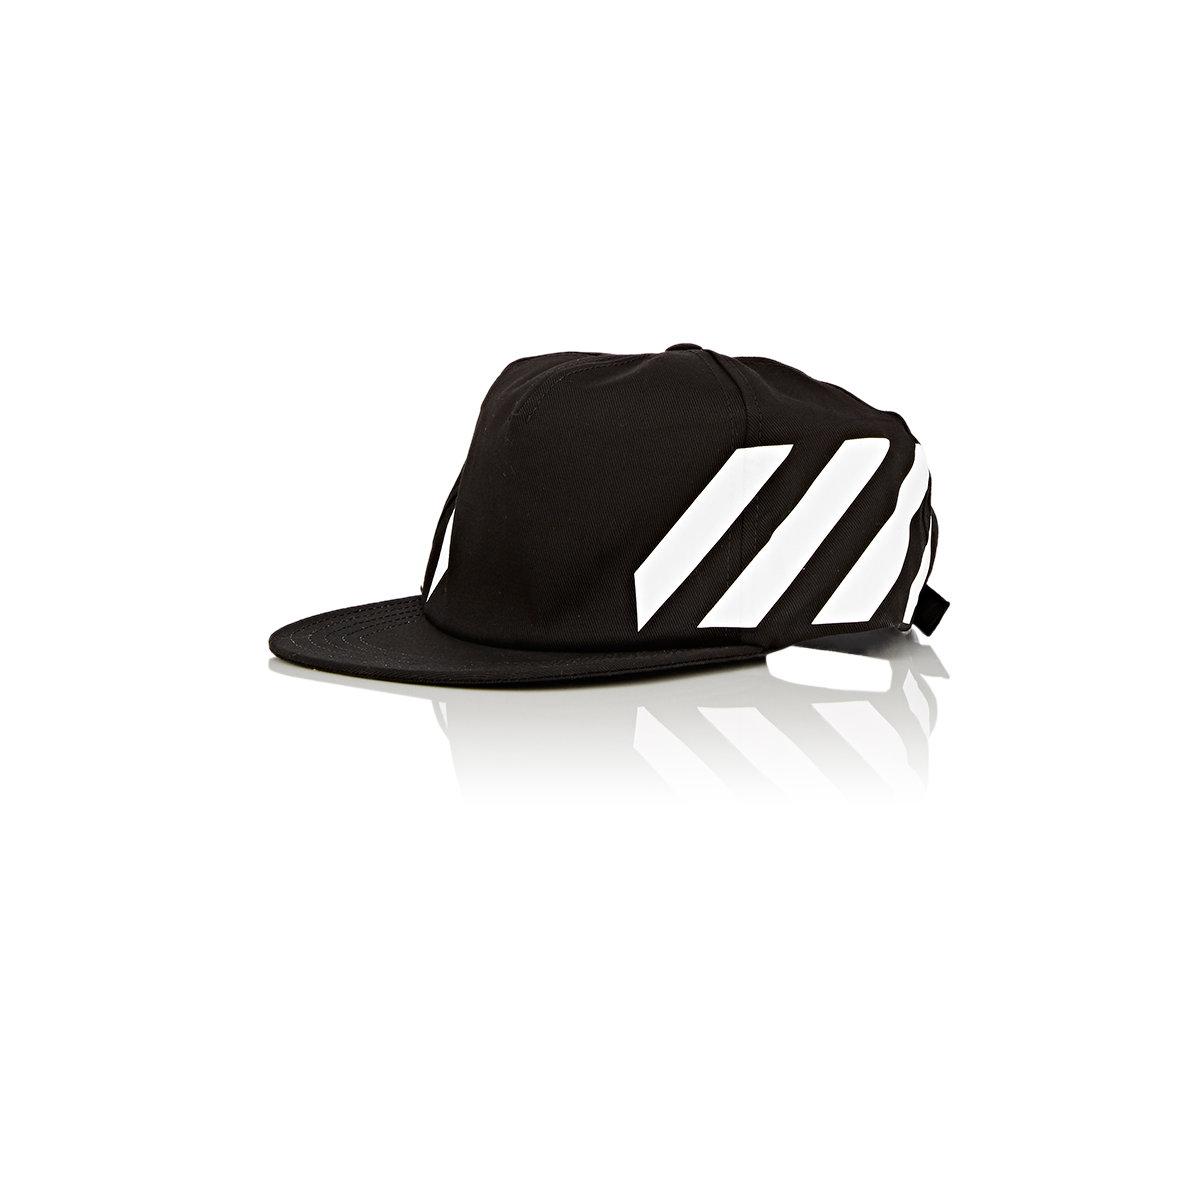 Lyst - Off-white c/o virgil abloh Twill Baseball Cap in Black for Men